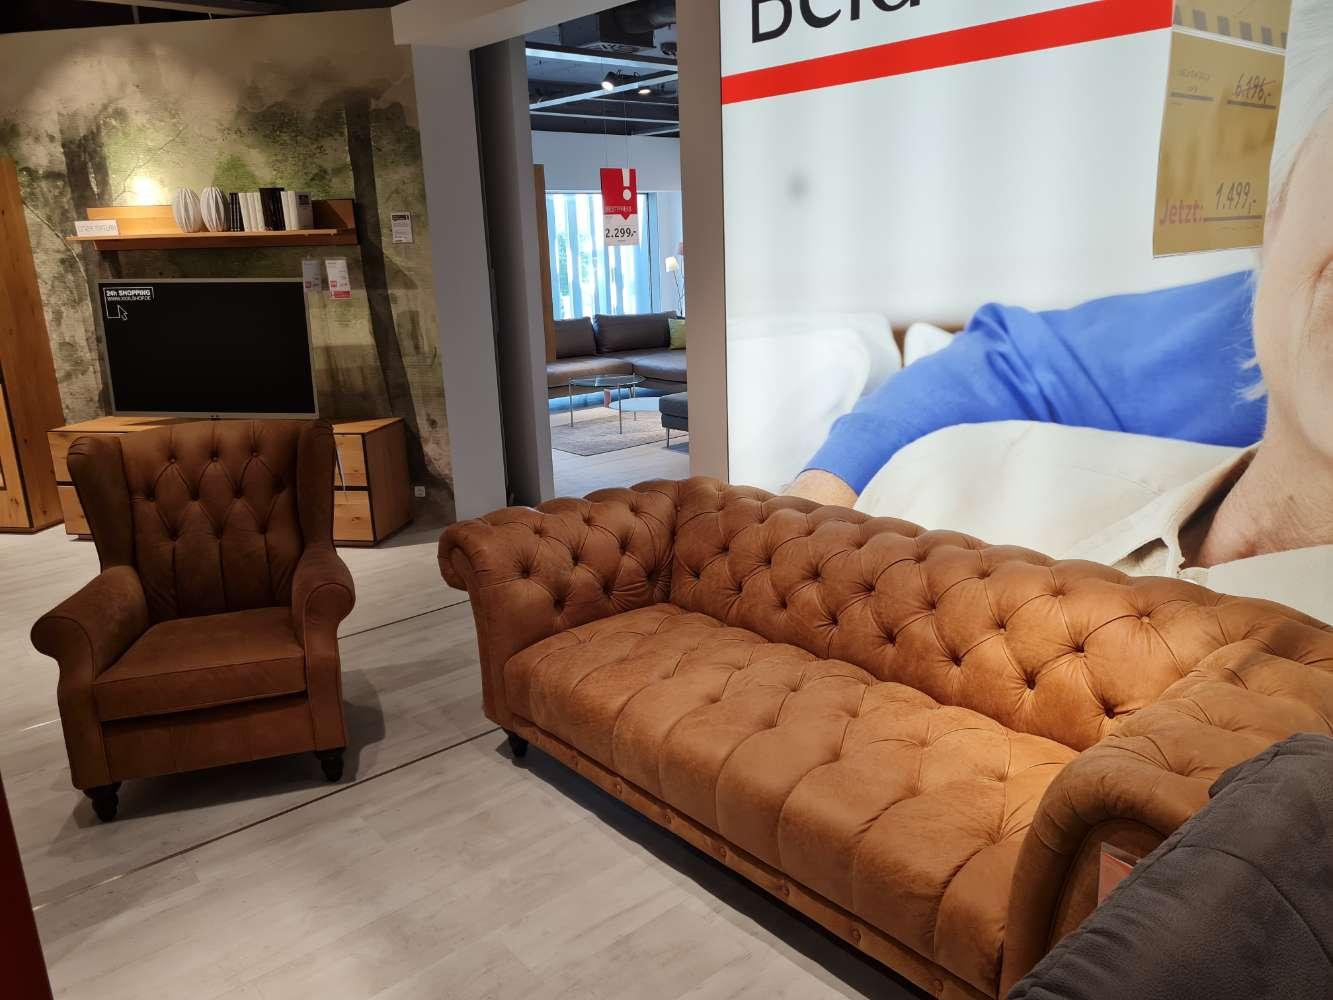 Chesterfield-Sofa & Sessel Vintage Hellbraun Wohnzimmer XXXLutz Heilbronn